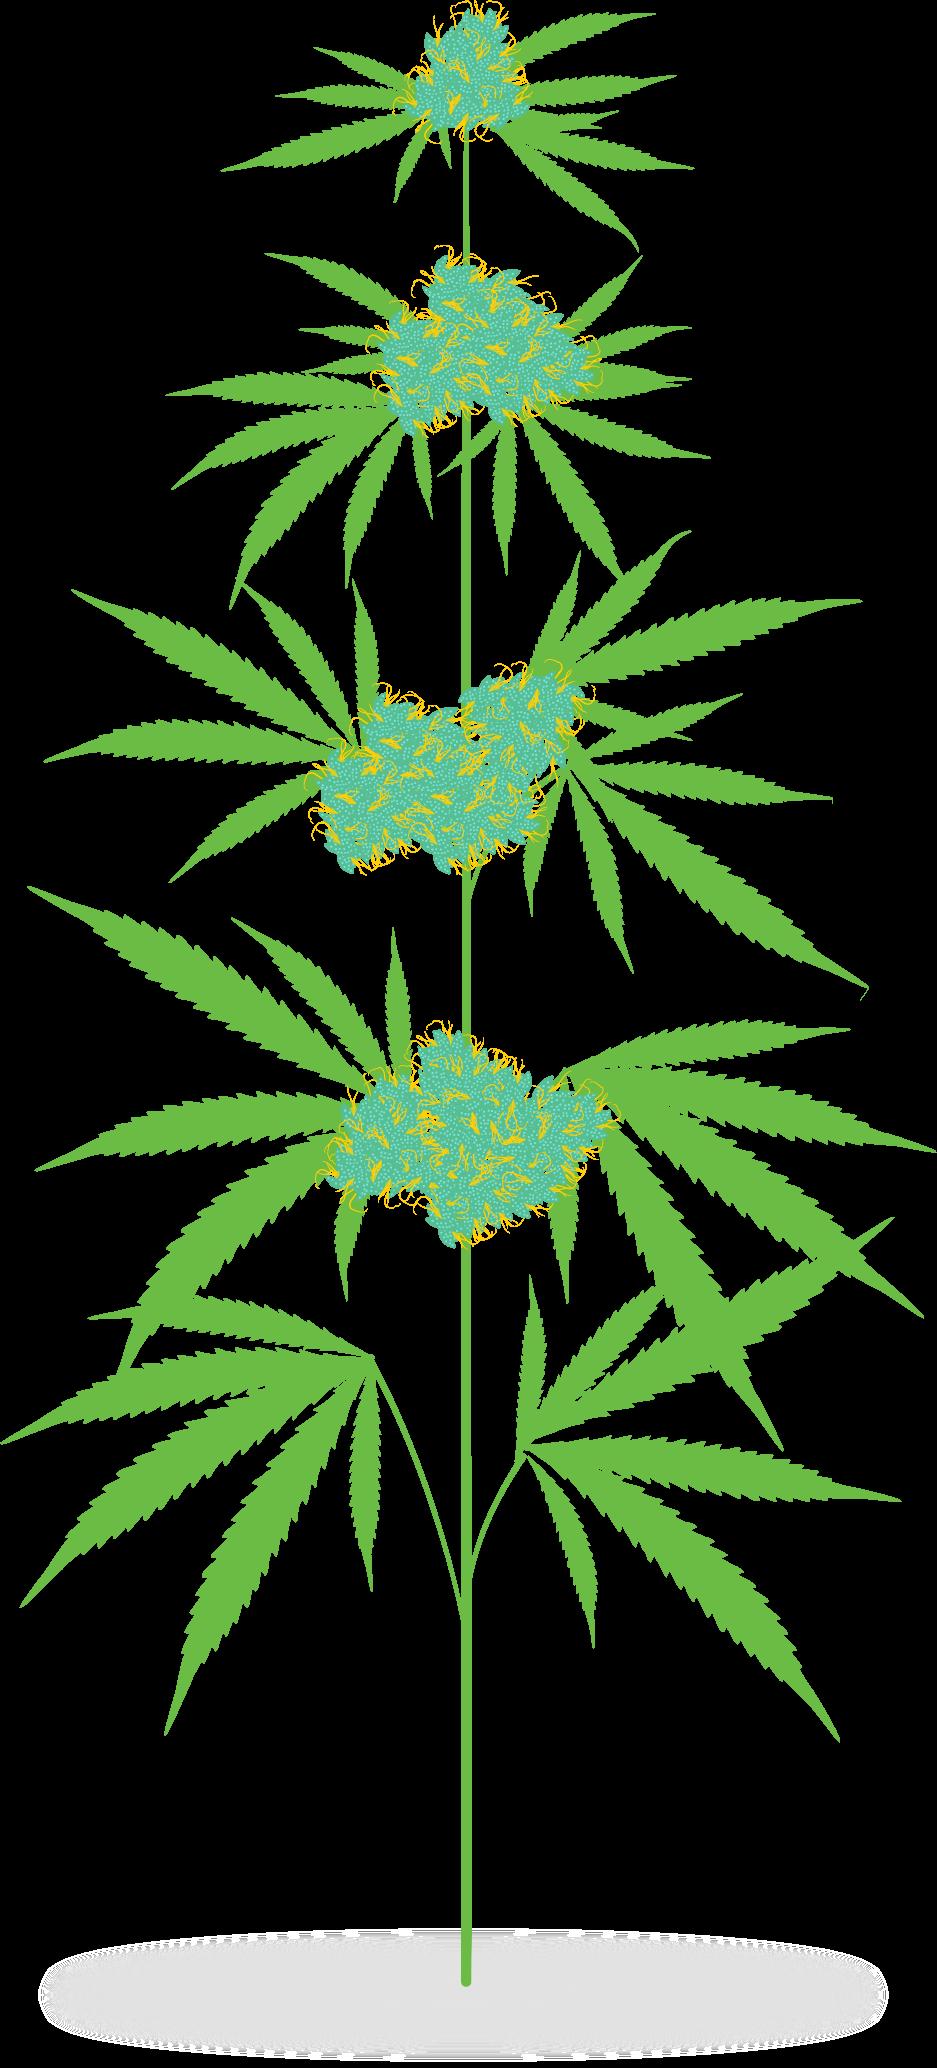 Marijuana plant clipart 1 » Clipart Station.